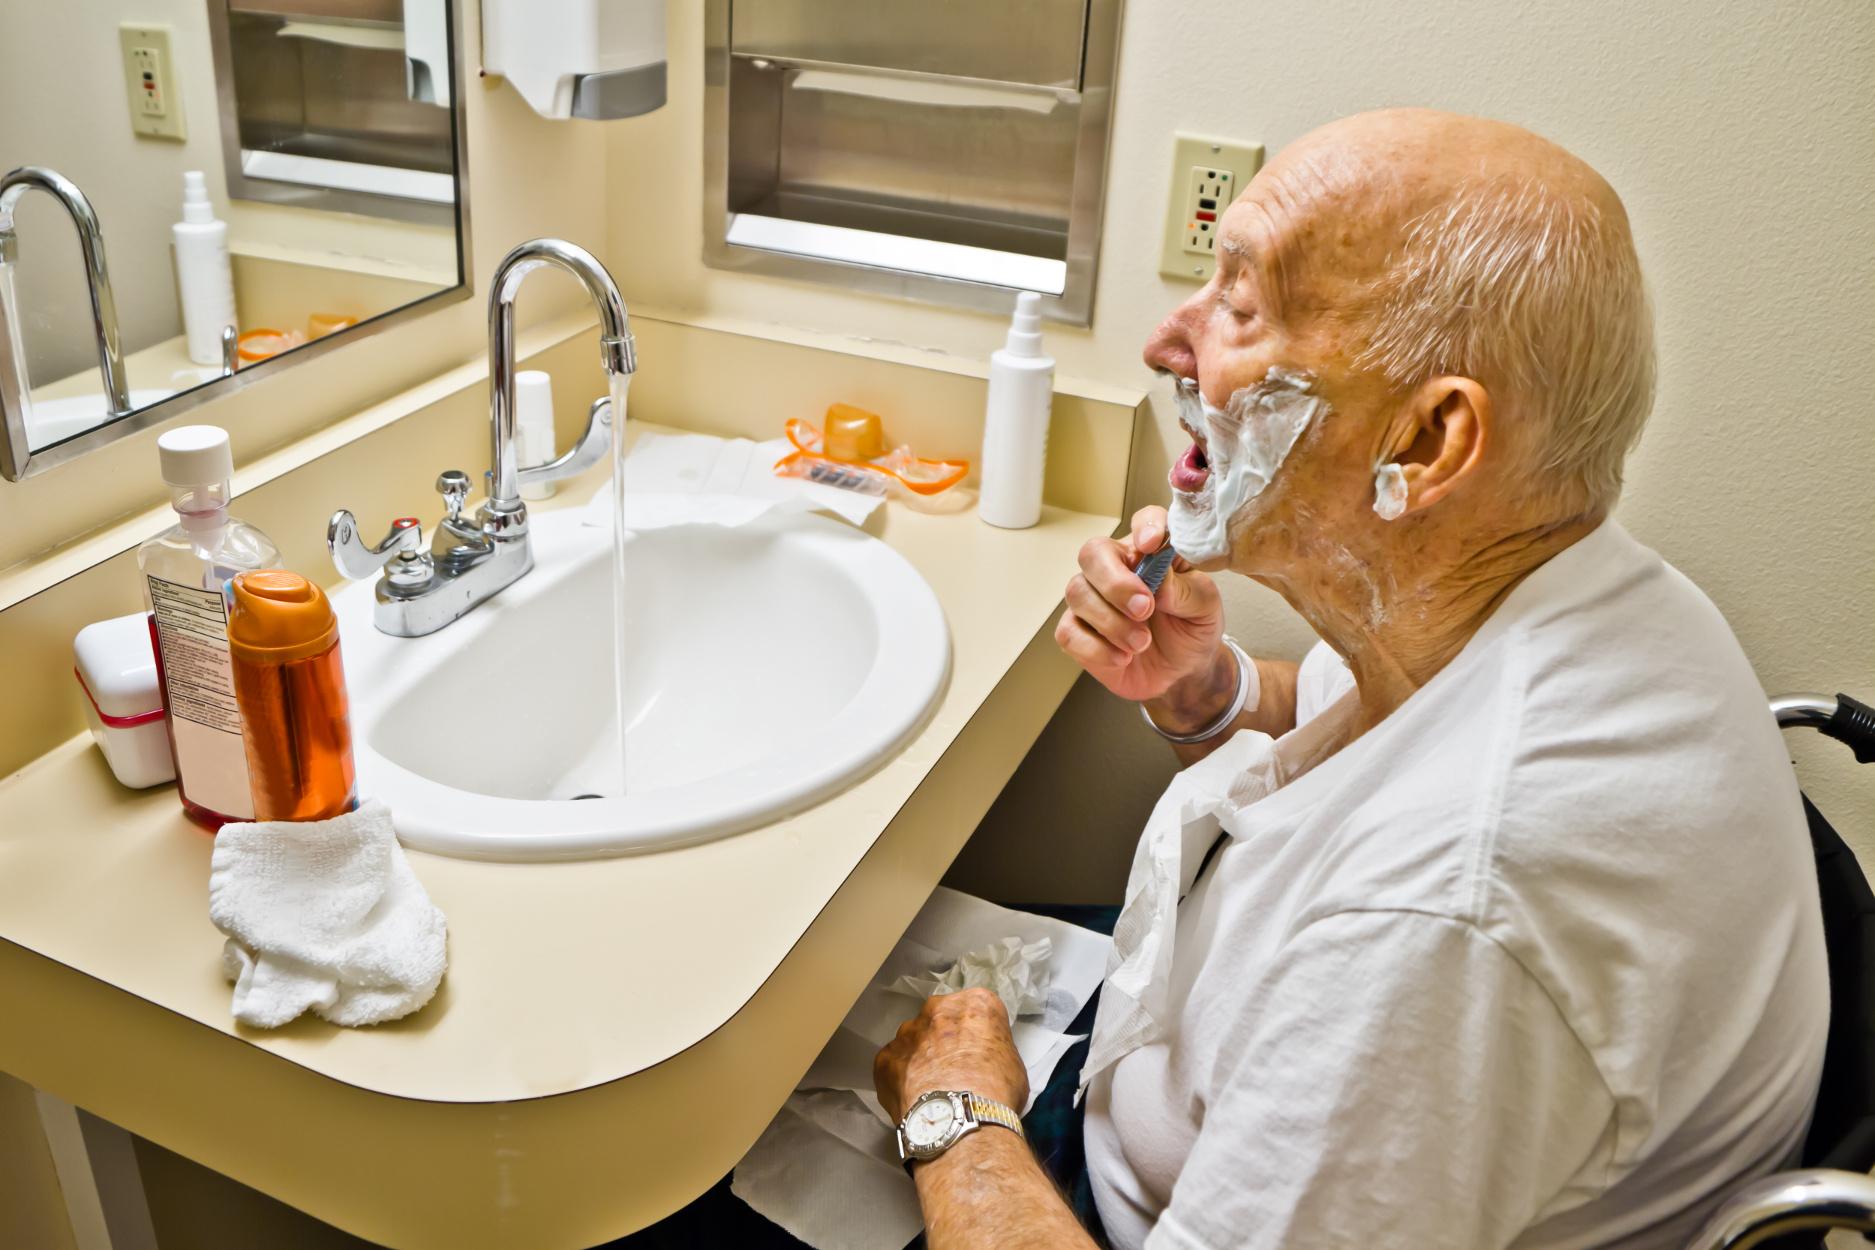 Beim Rasieren entstehen kleinste Wunden, durch die Krankheitskeime in die Haut eindringen können (dplett/fotolia.com)